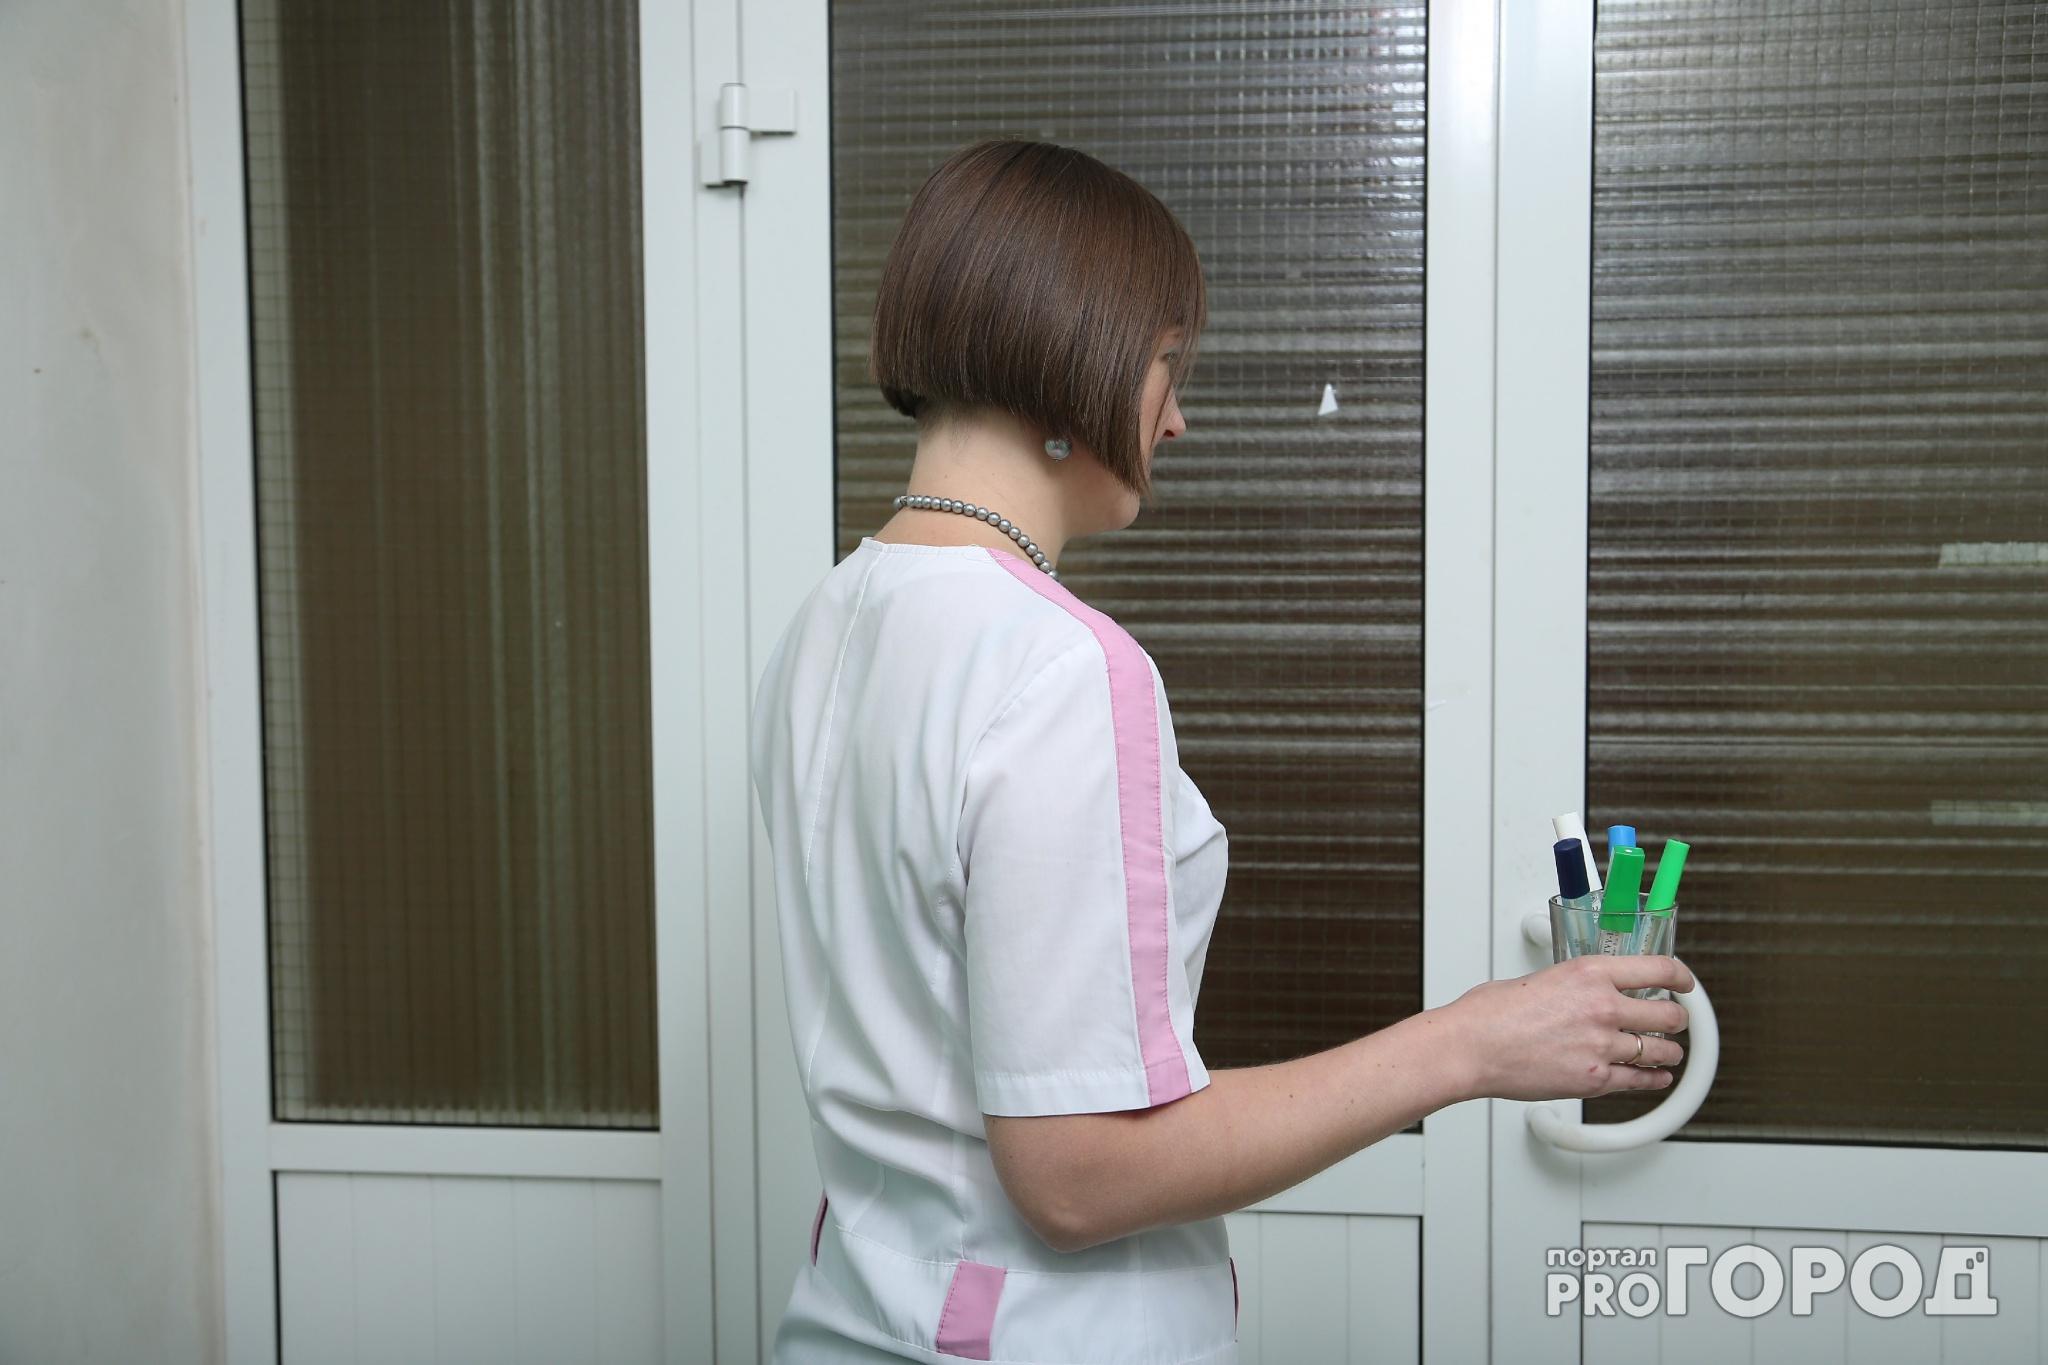 В детсаду Чепецка разбились 5 градусников: контейнер с термометрами упал сам собой